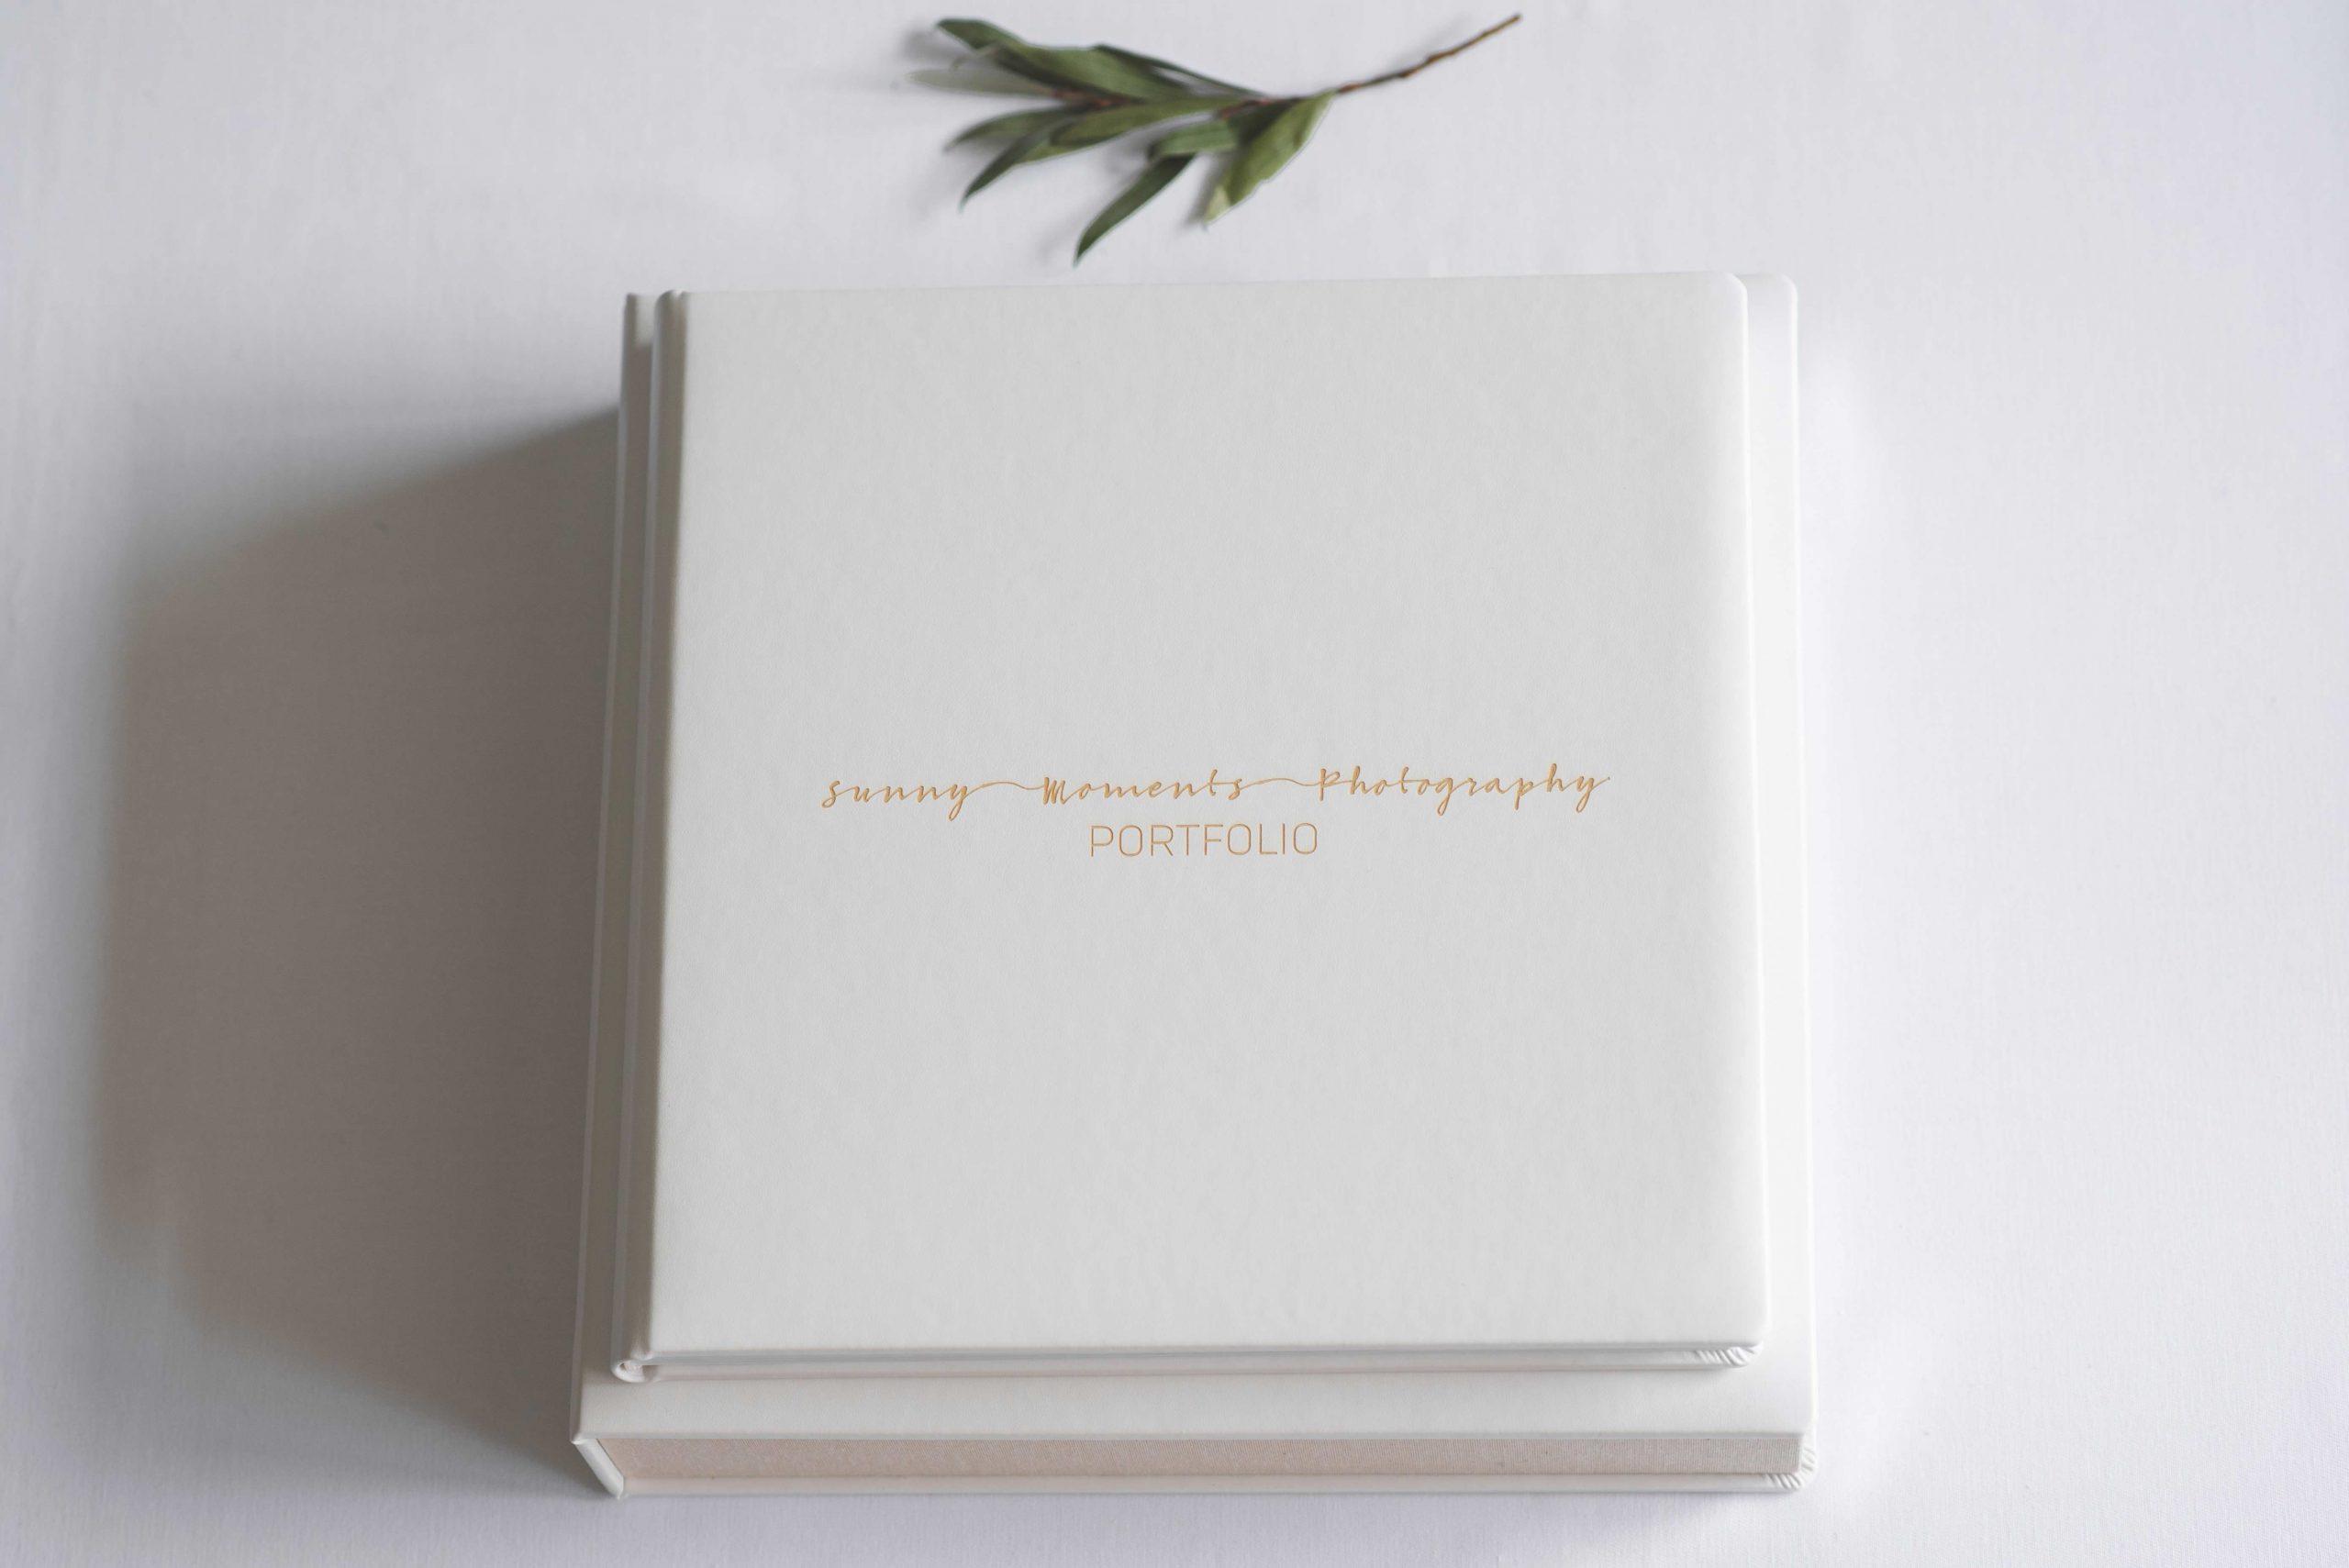 Album photo de mariage pages cartonees